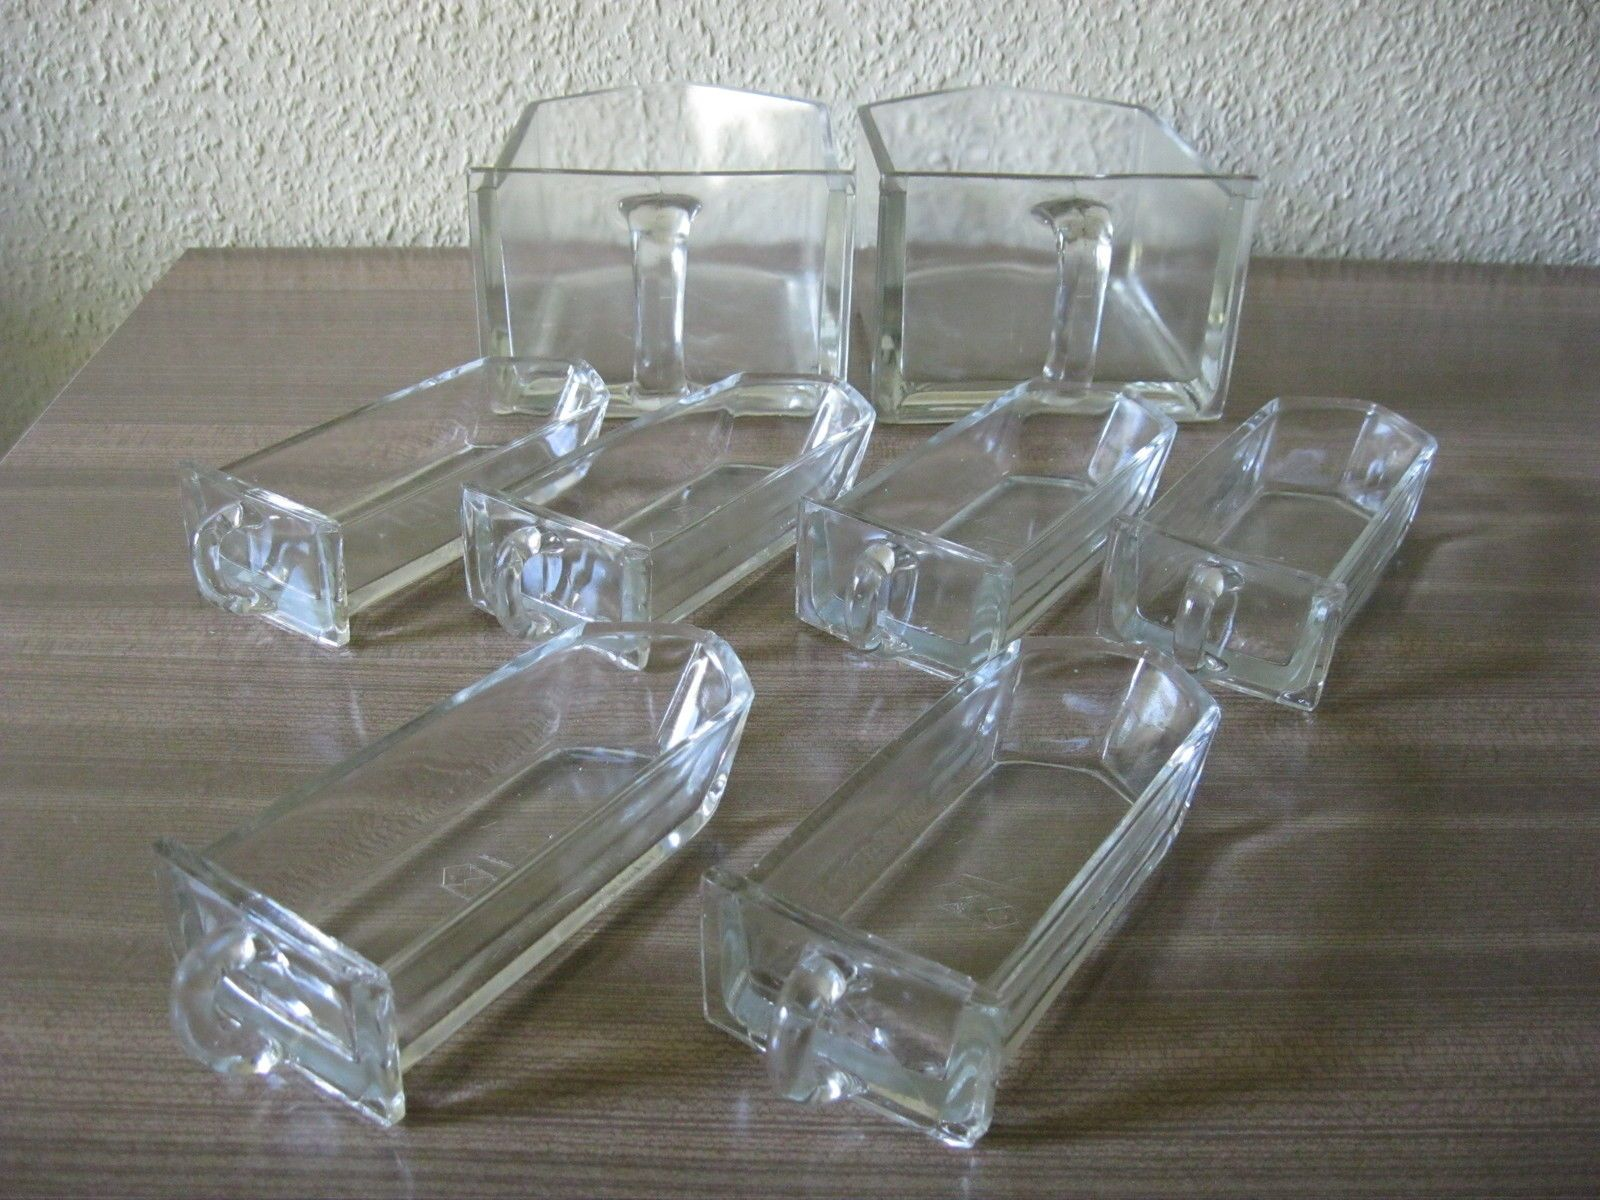 Bauhaus Küchenplatte ~ 8 x schütte glas vlg monopol rautenglas 30er jahre wagenfeld Ära